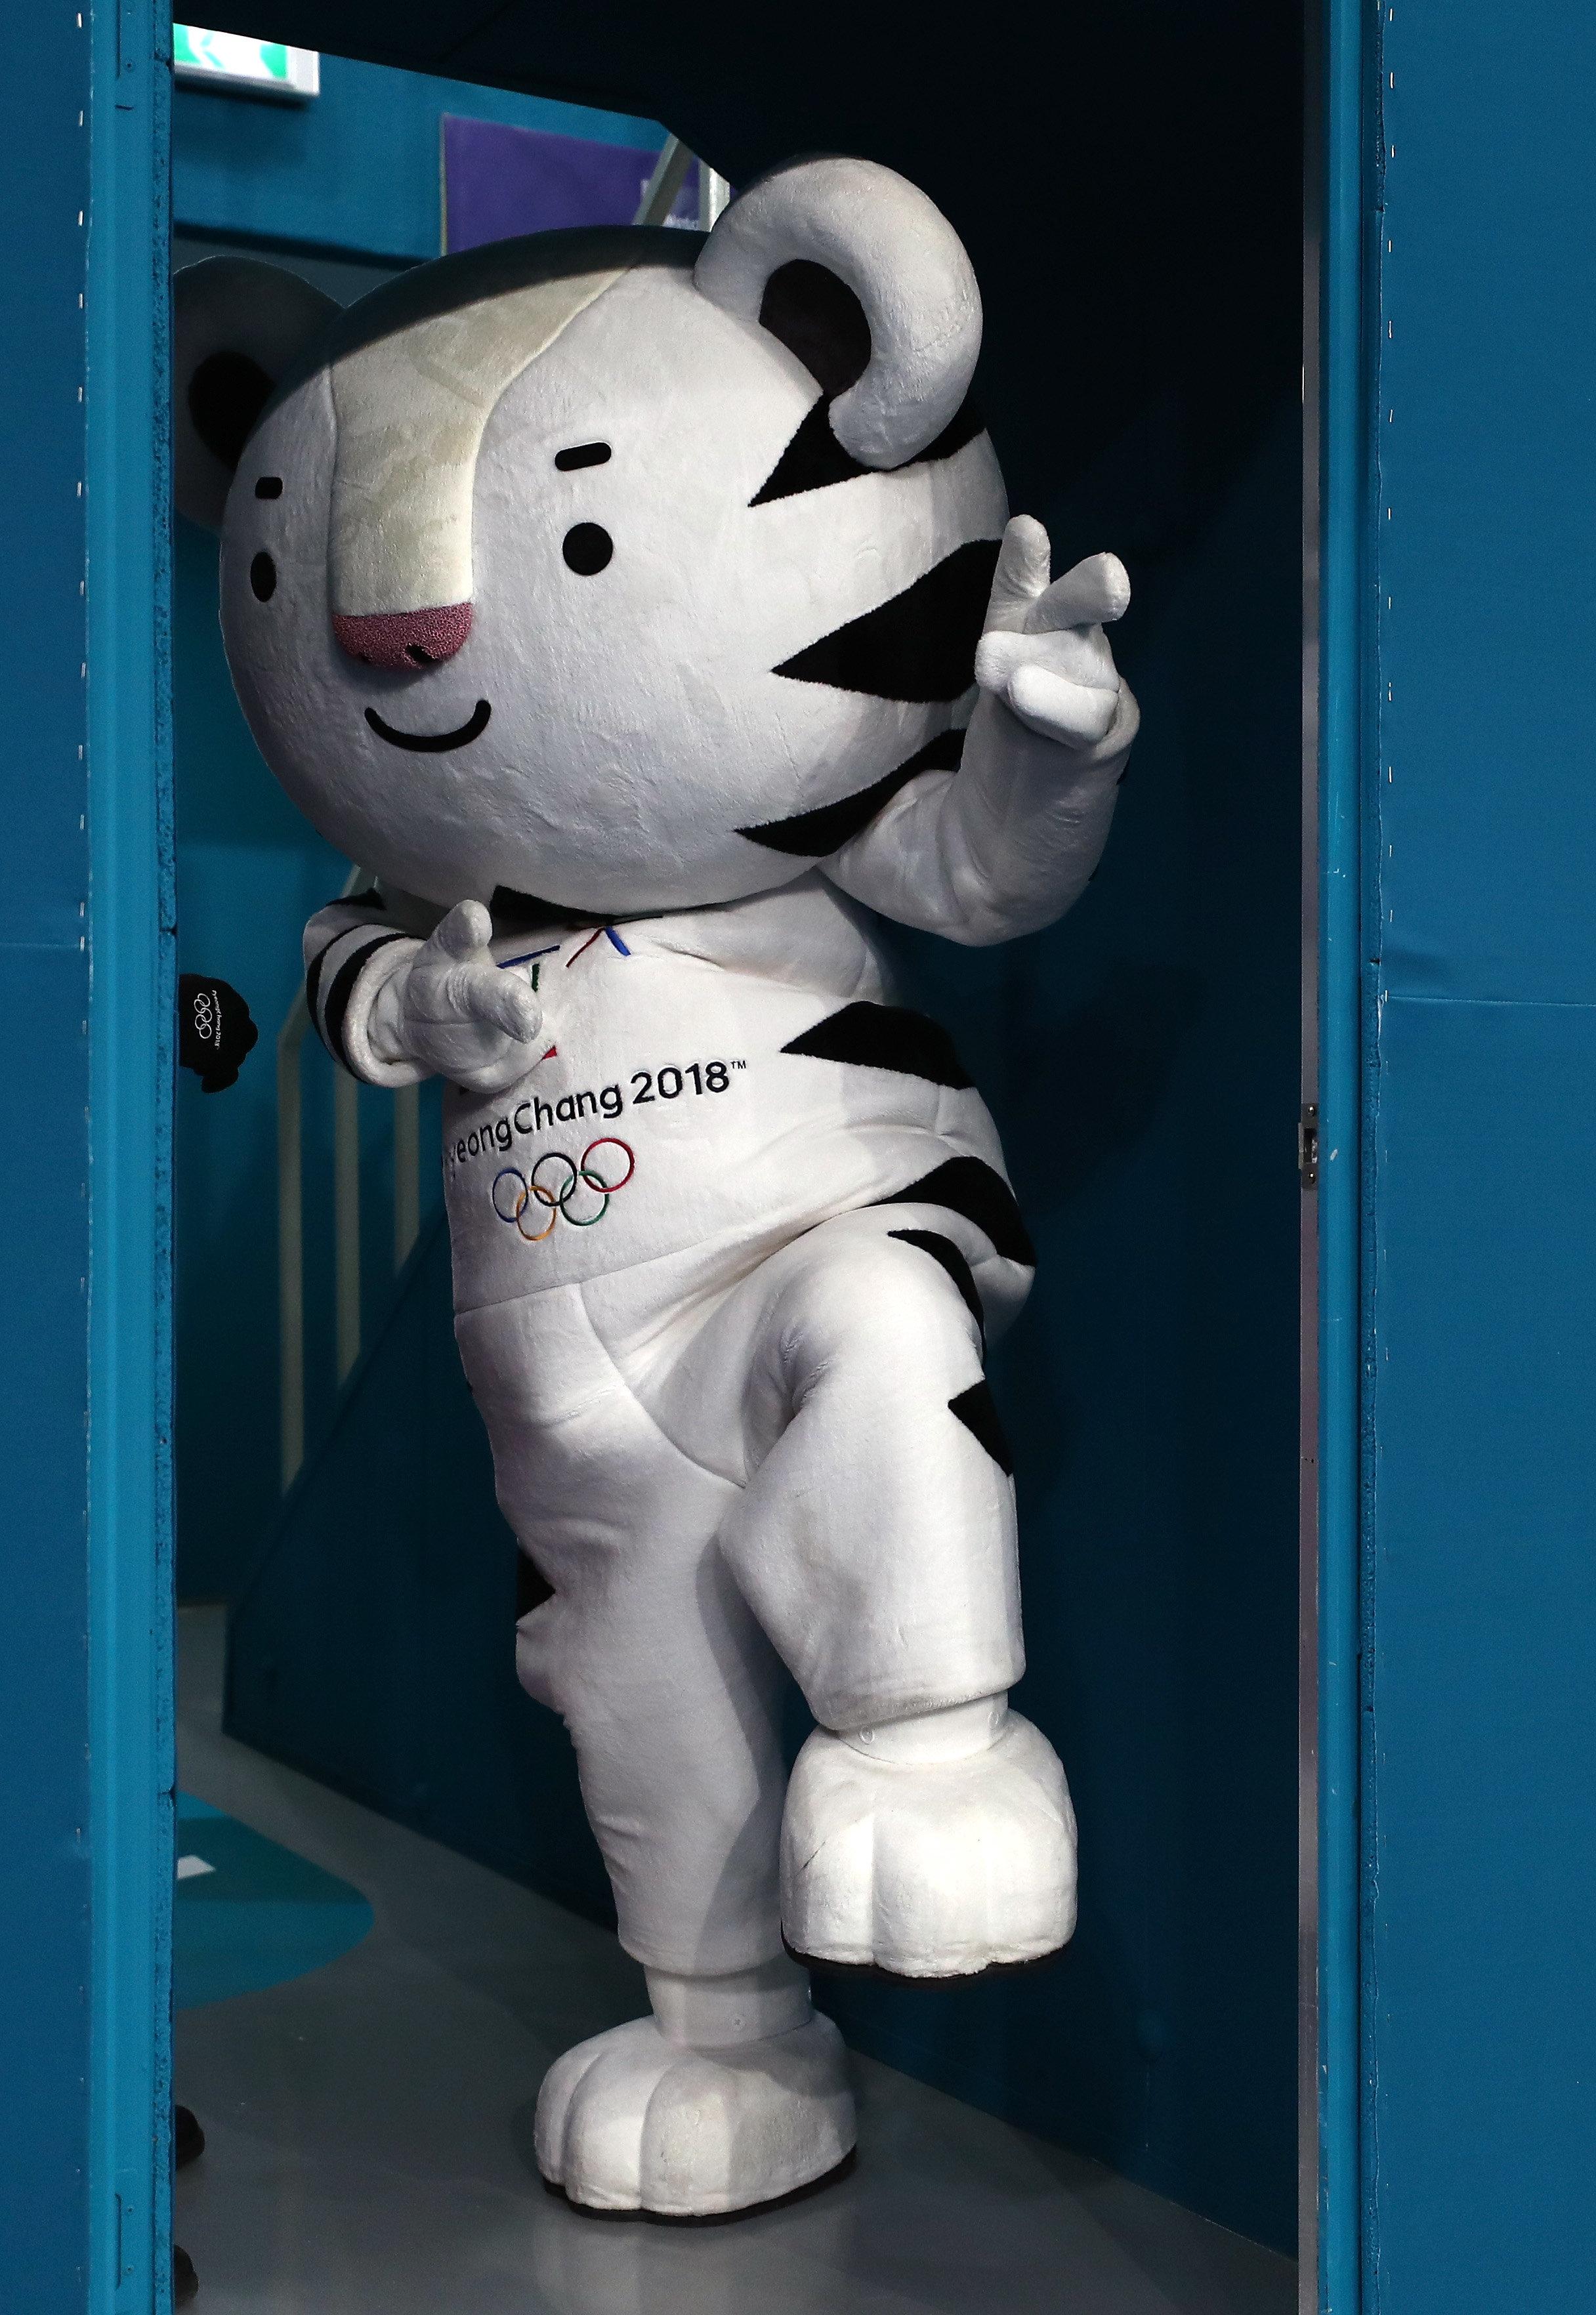 평창올림픽 '수호랑'의 귀여움을 모두 모아봤다